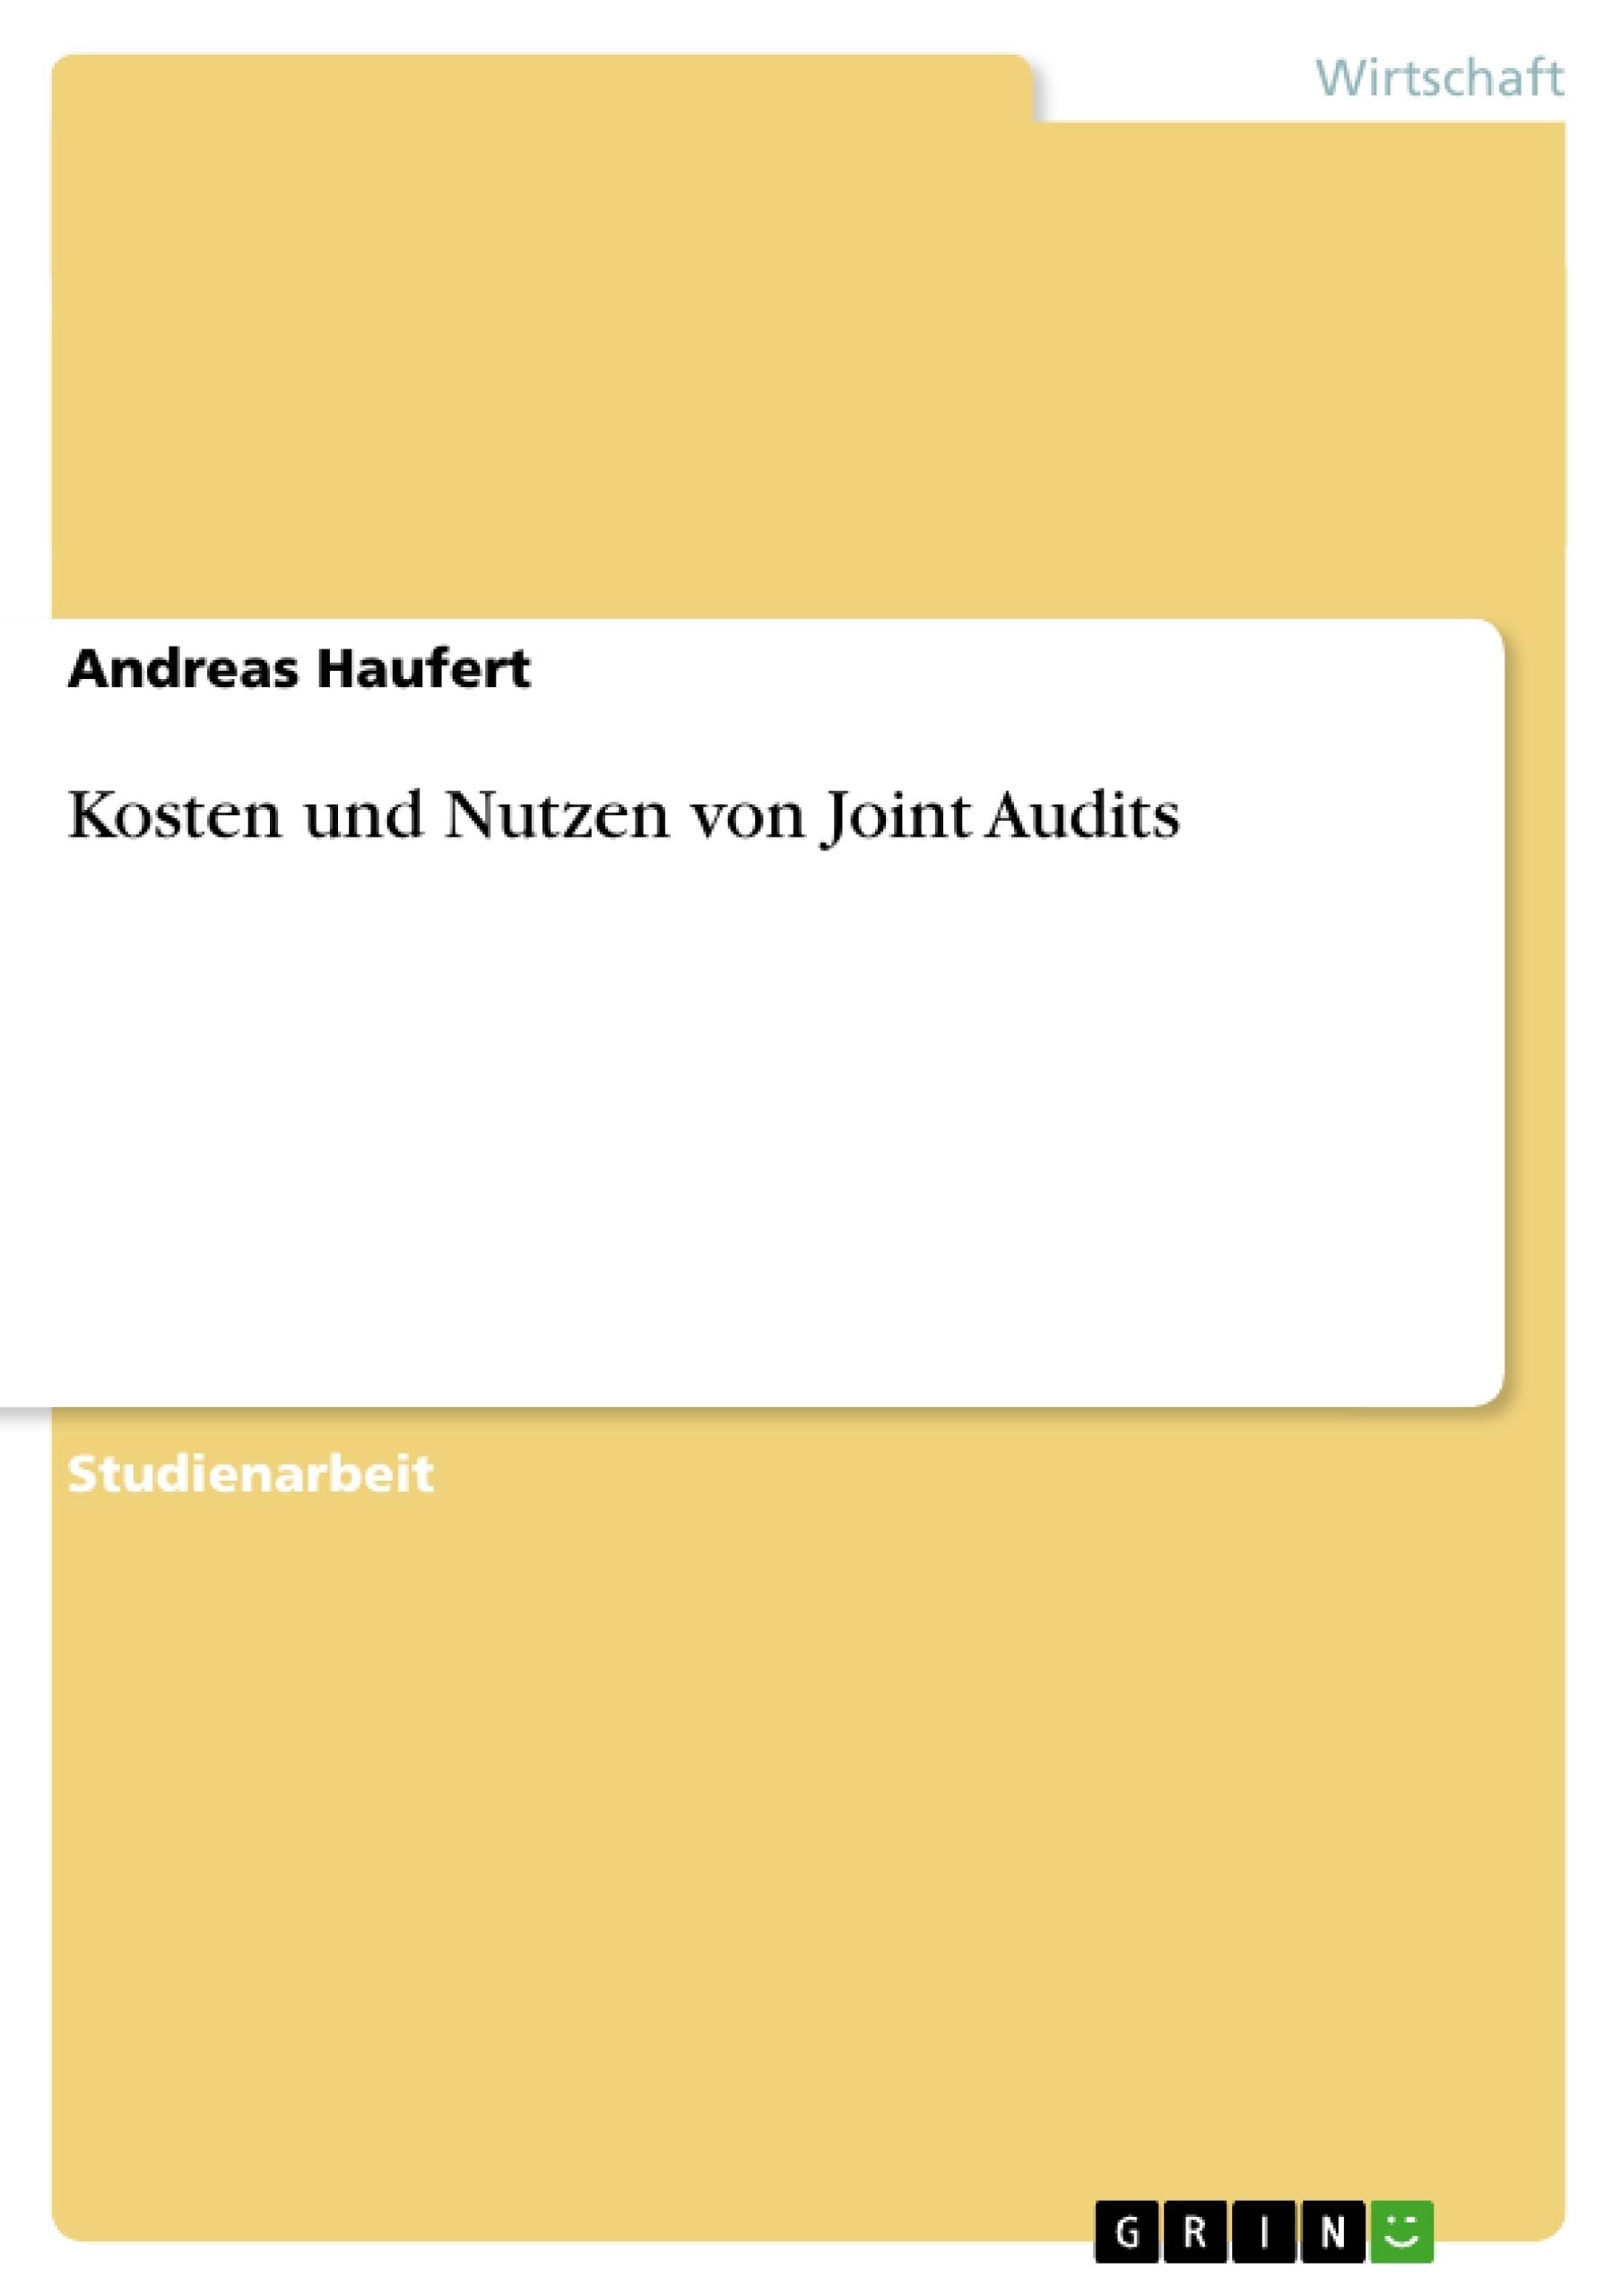 Titel: Kosten und Nutzen von Joint Audits